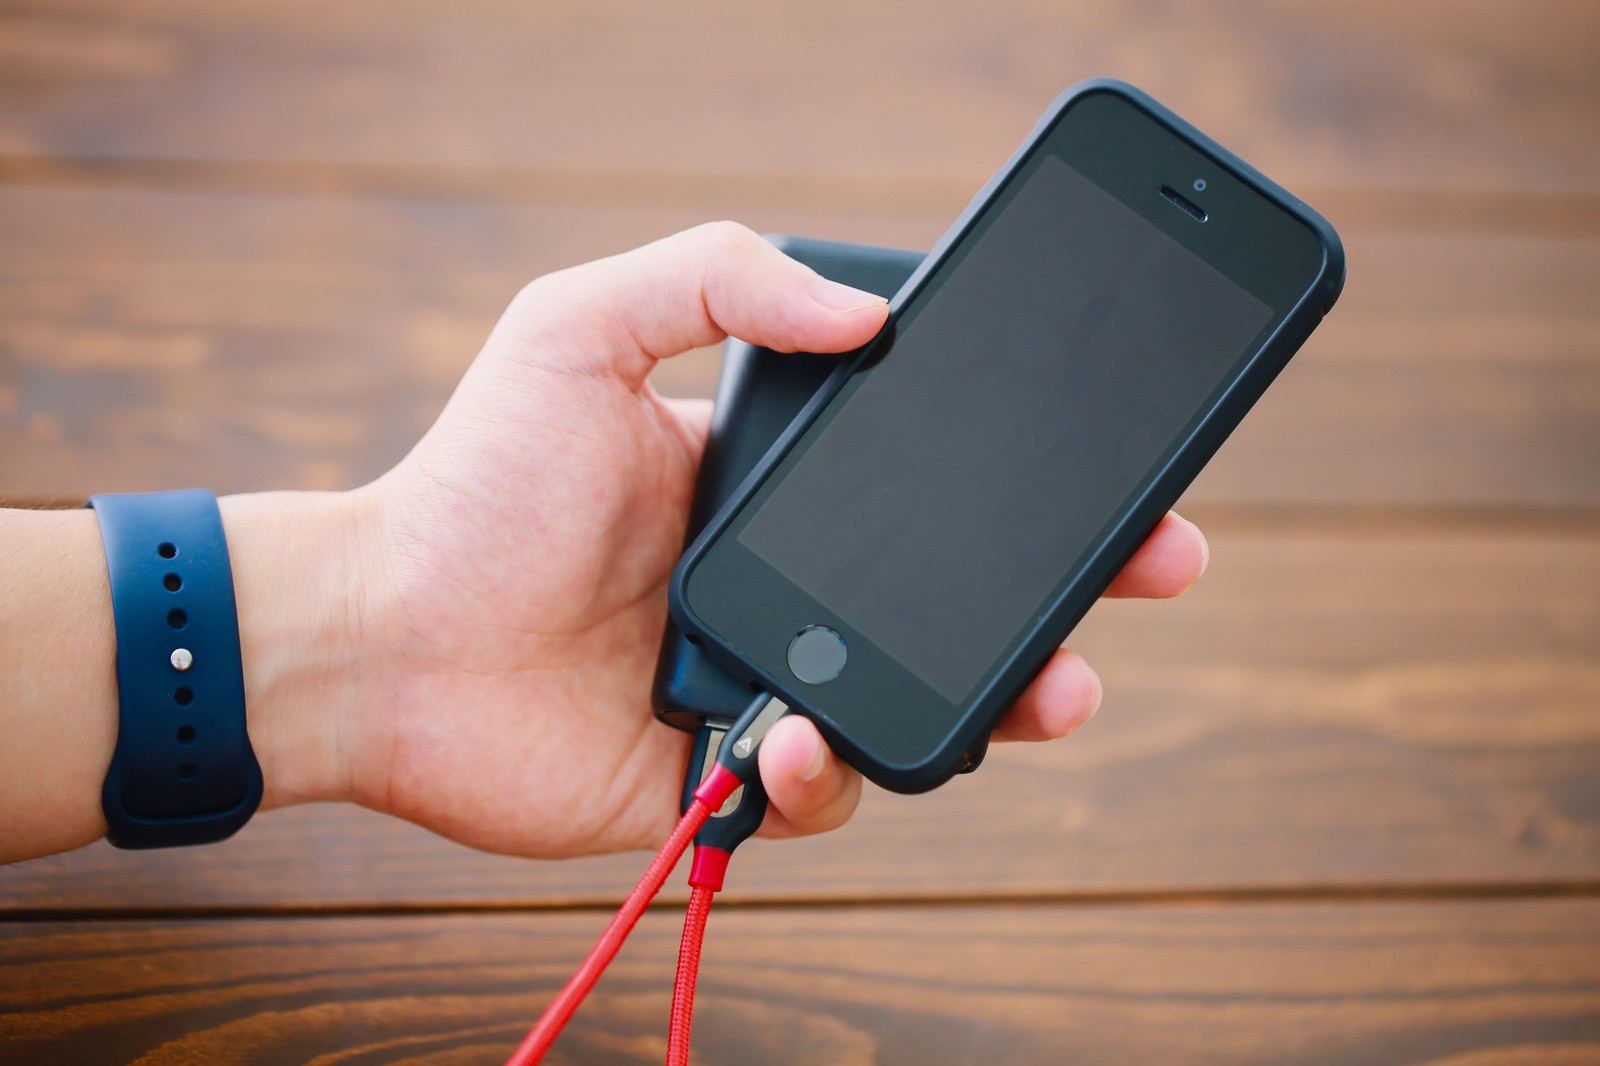 「片手でスマホとモバイルバッテリーを持つスタイル」の写真